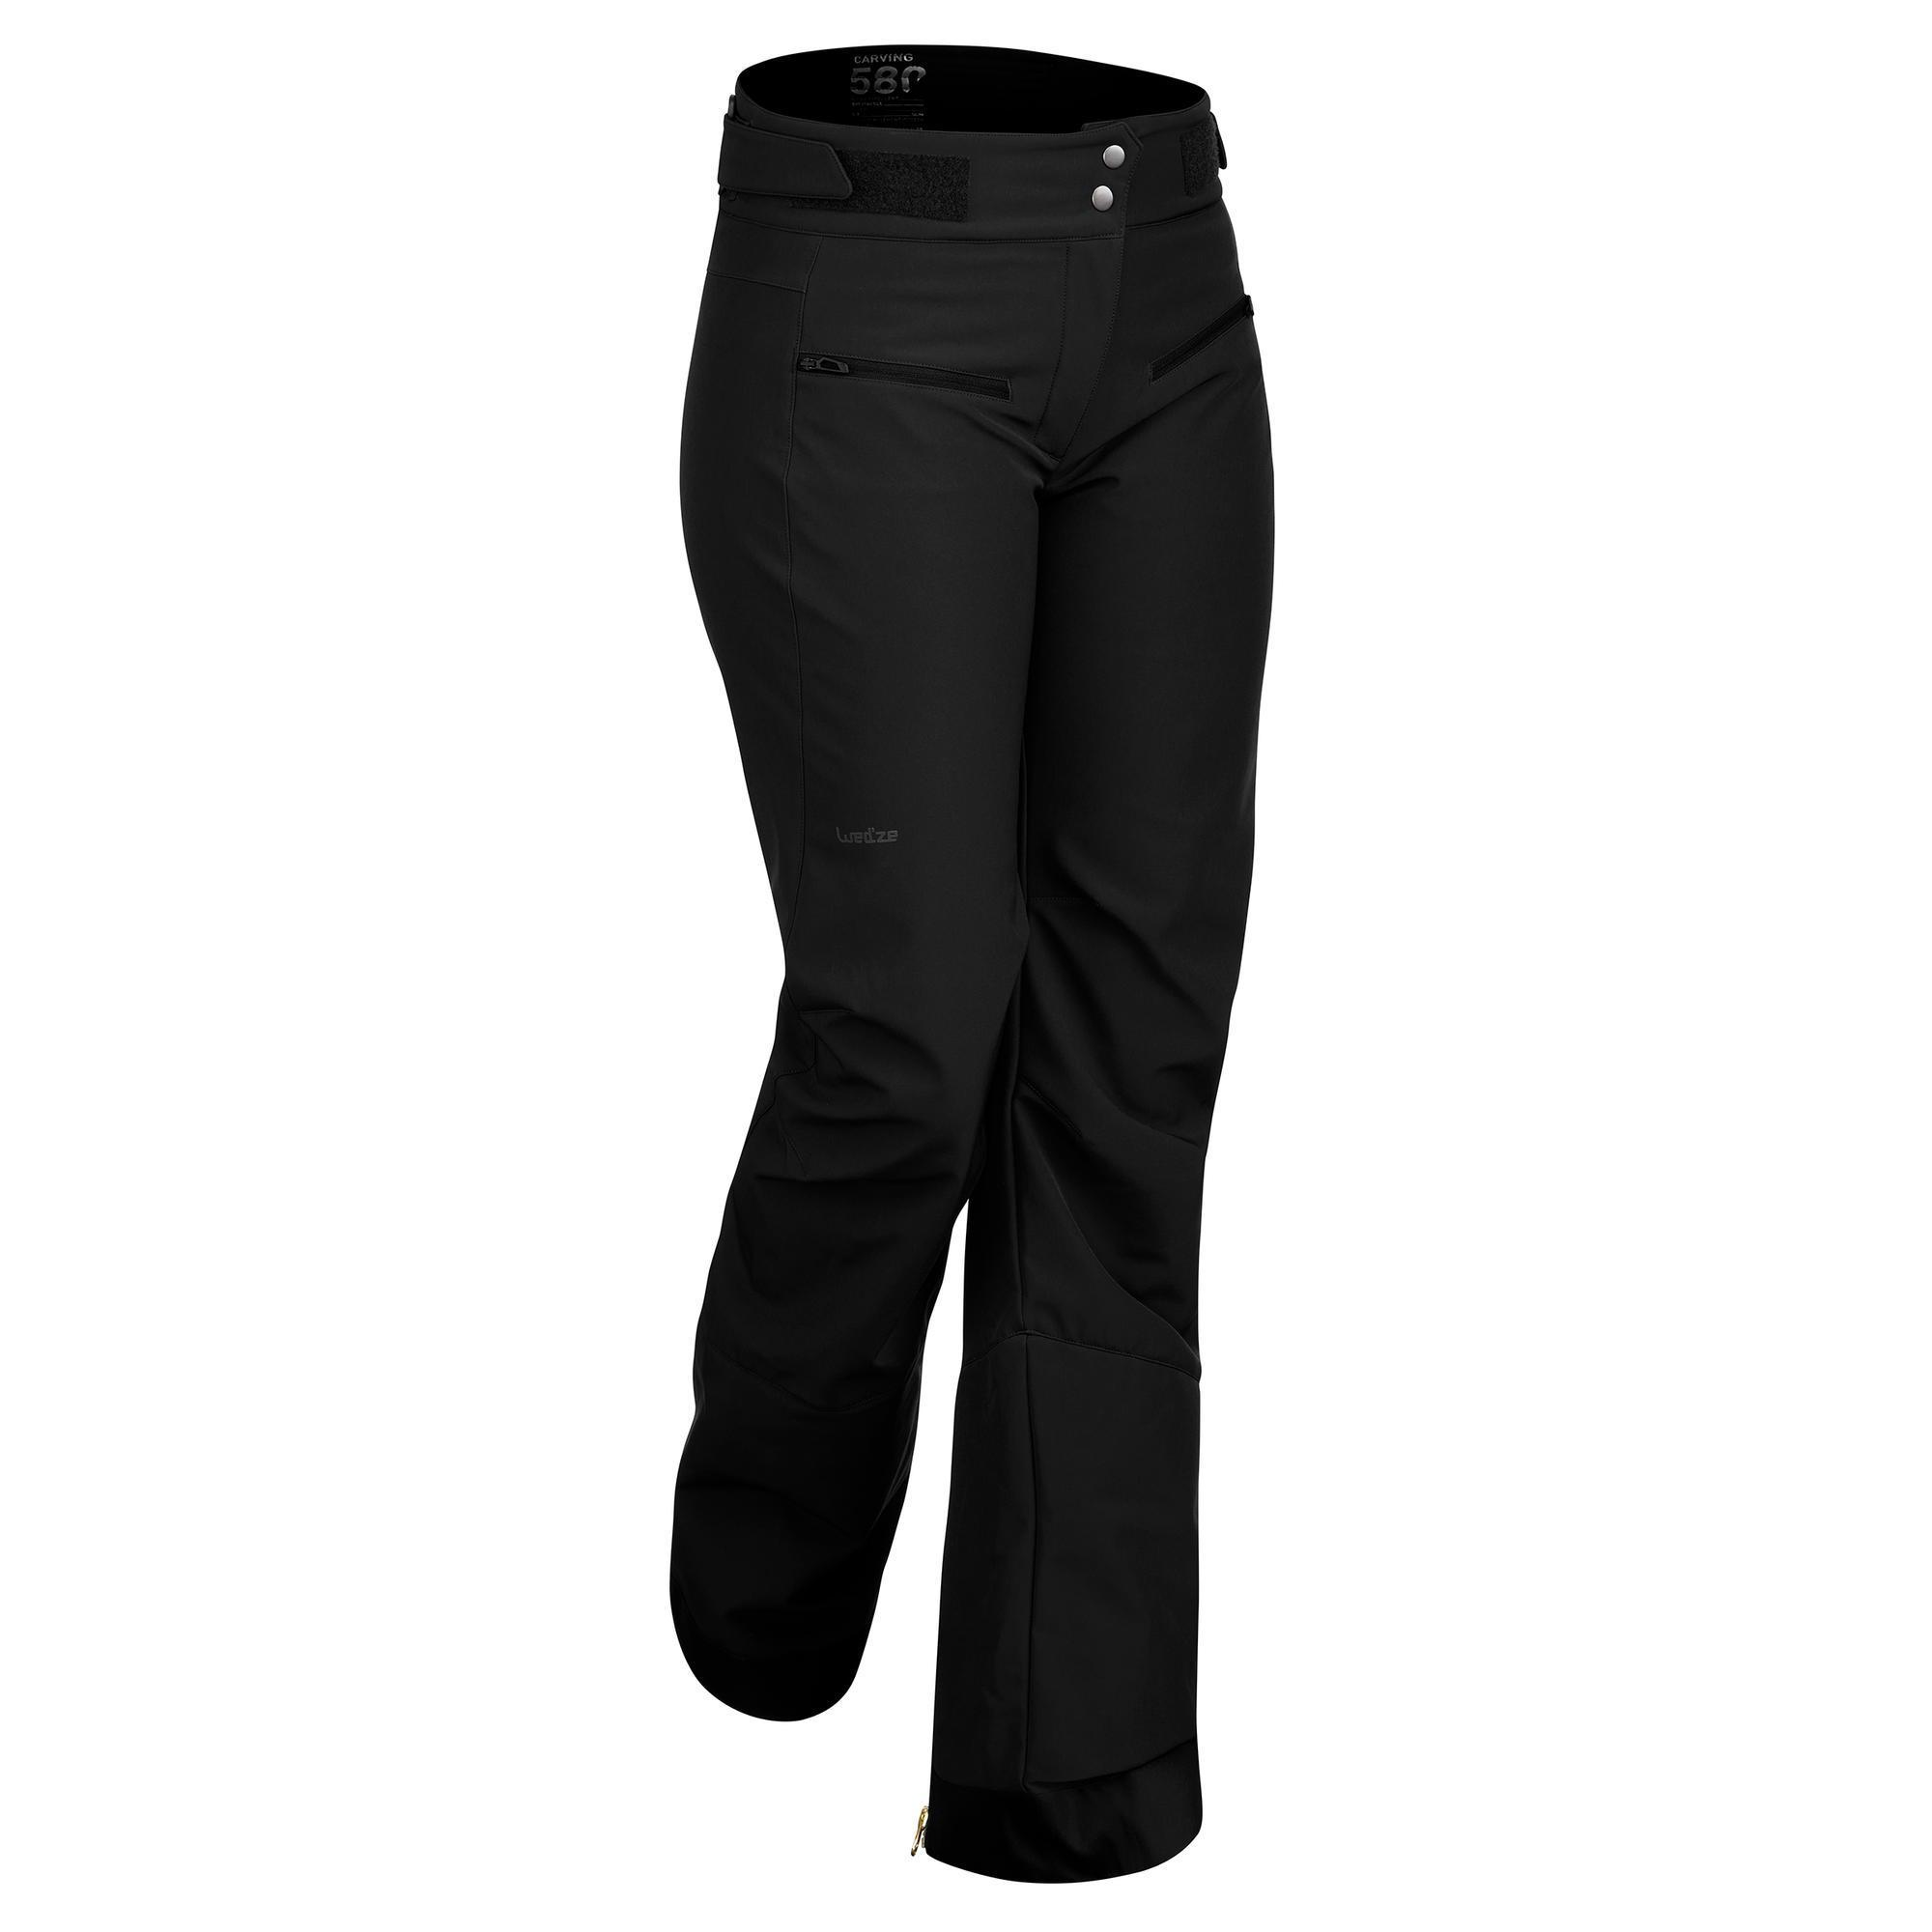 Skihose Piste PA 580 Slim Damen schwarz | Sportbekleidung > Sporthosen > Skihosen | Schwarz | Wed´ze